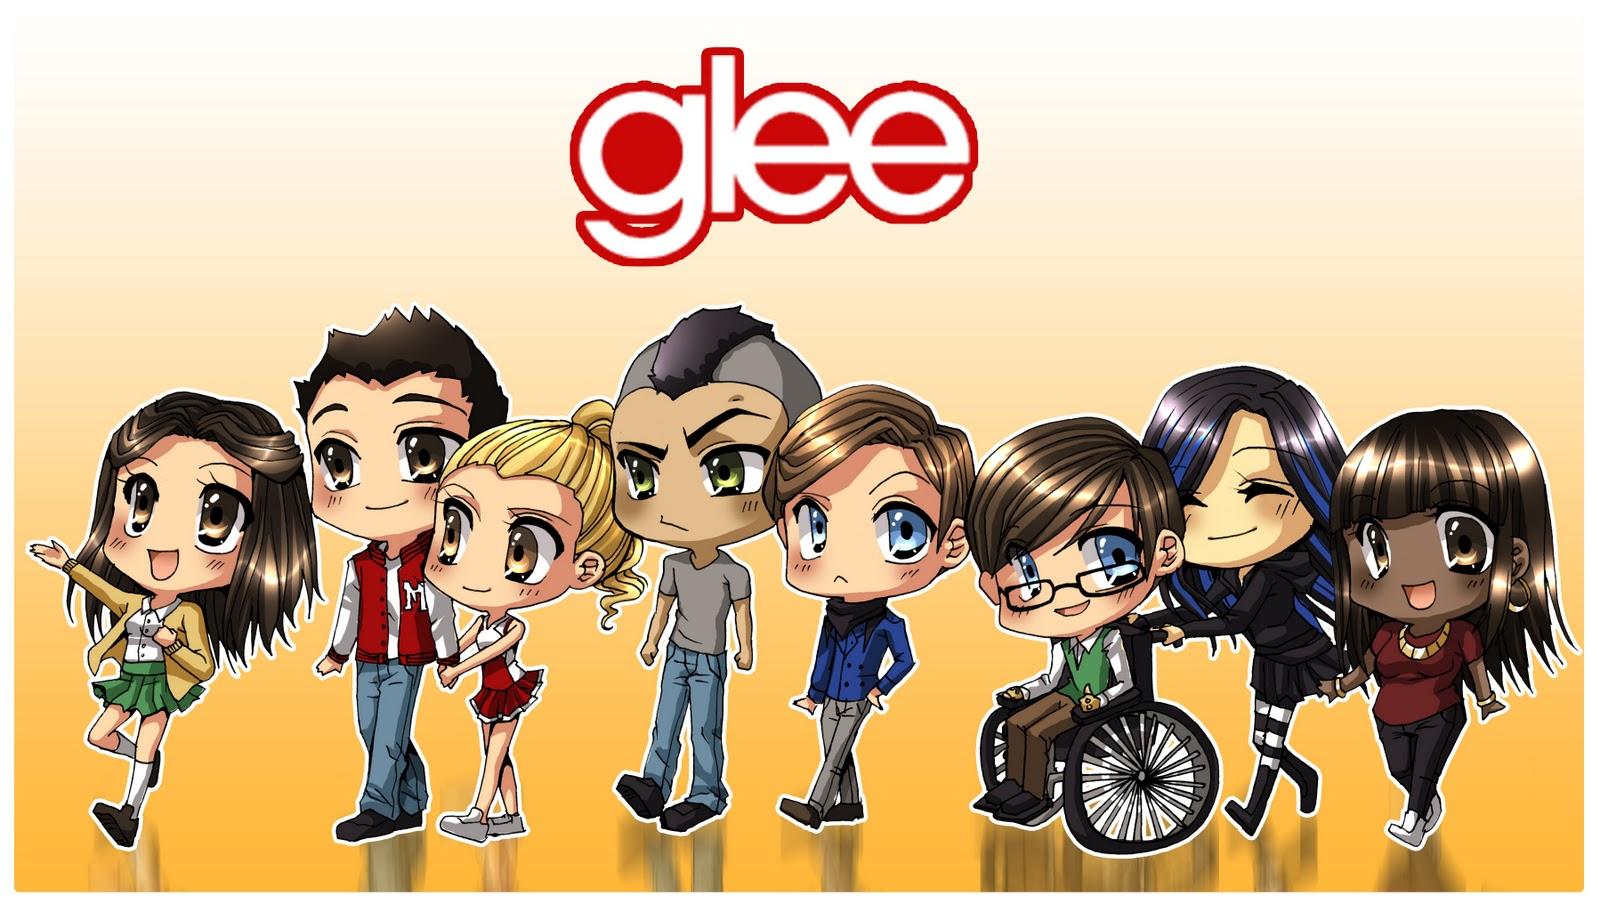 http://3.bp.blogspot.com/-063ARaaS0ag/TZPwfkQu1OI/AAAAAAAAALA/DbALmWFpKRQ/s1600/Glee_by_alexisneo.jpg